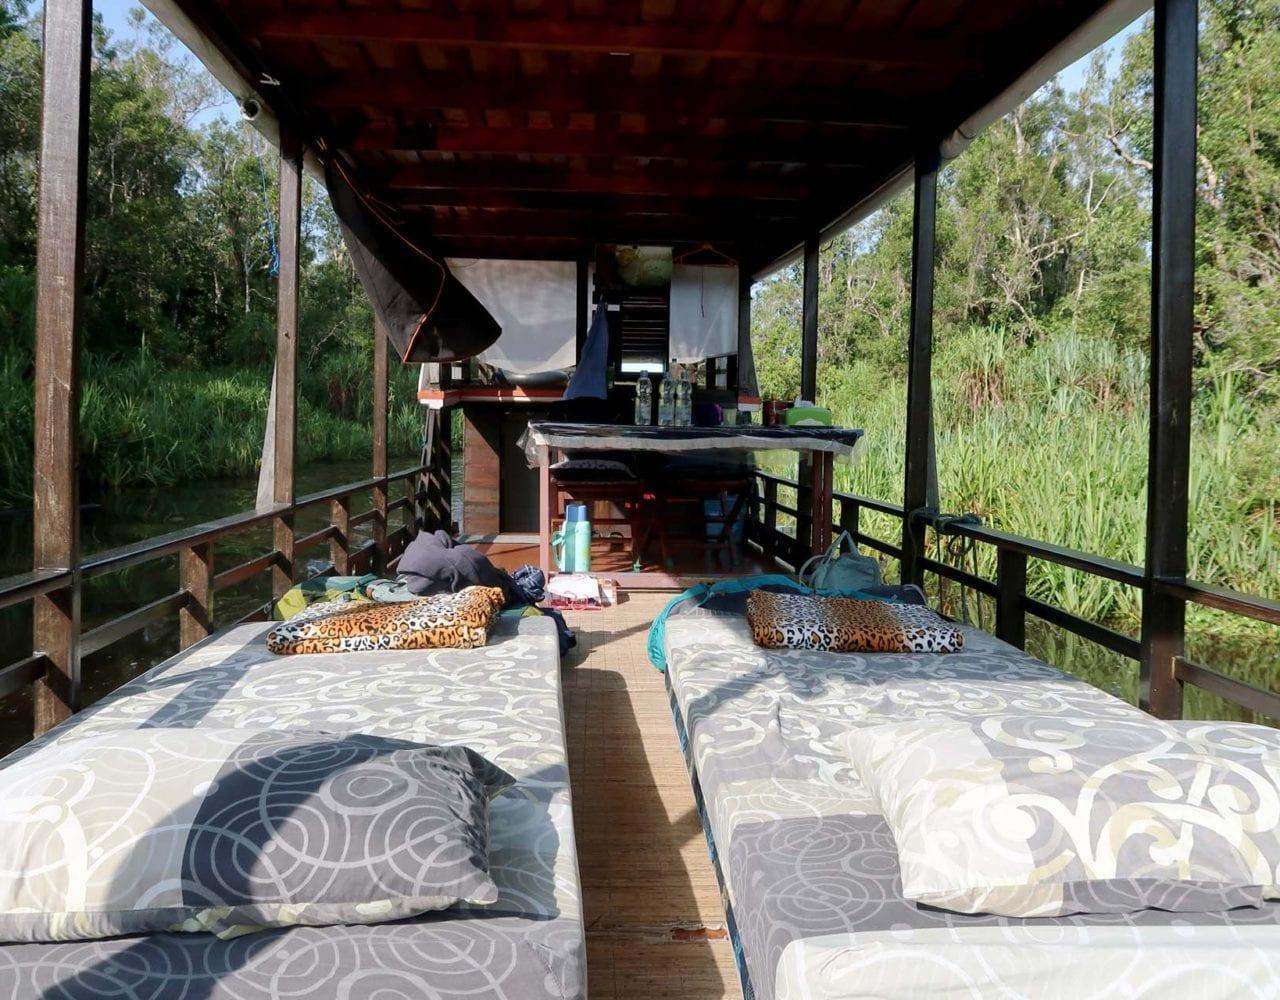 Unser Schlafplatz auf dem Klotok (Hausboot)